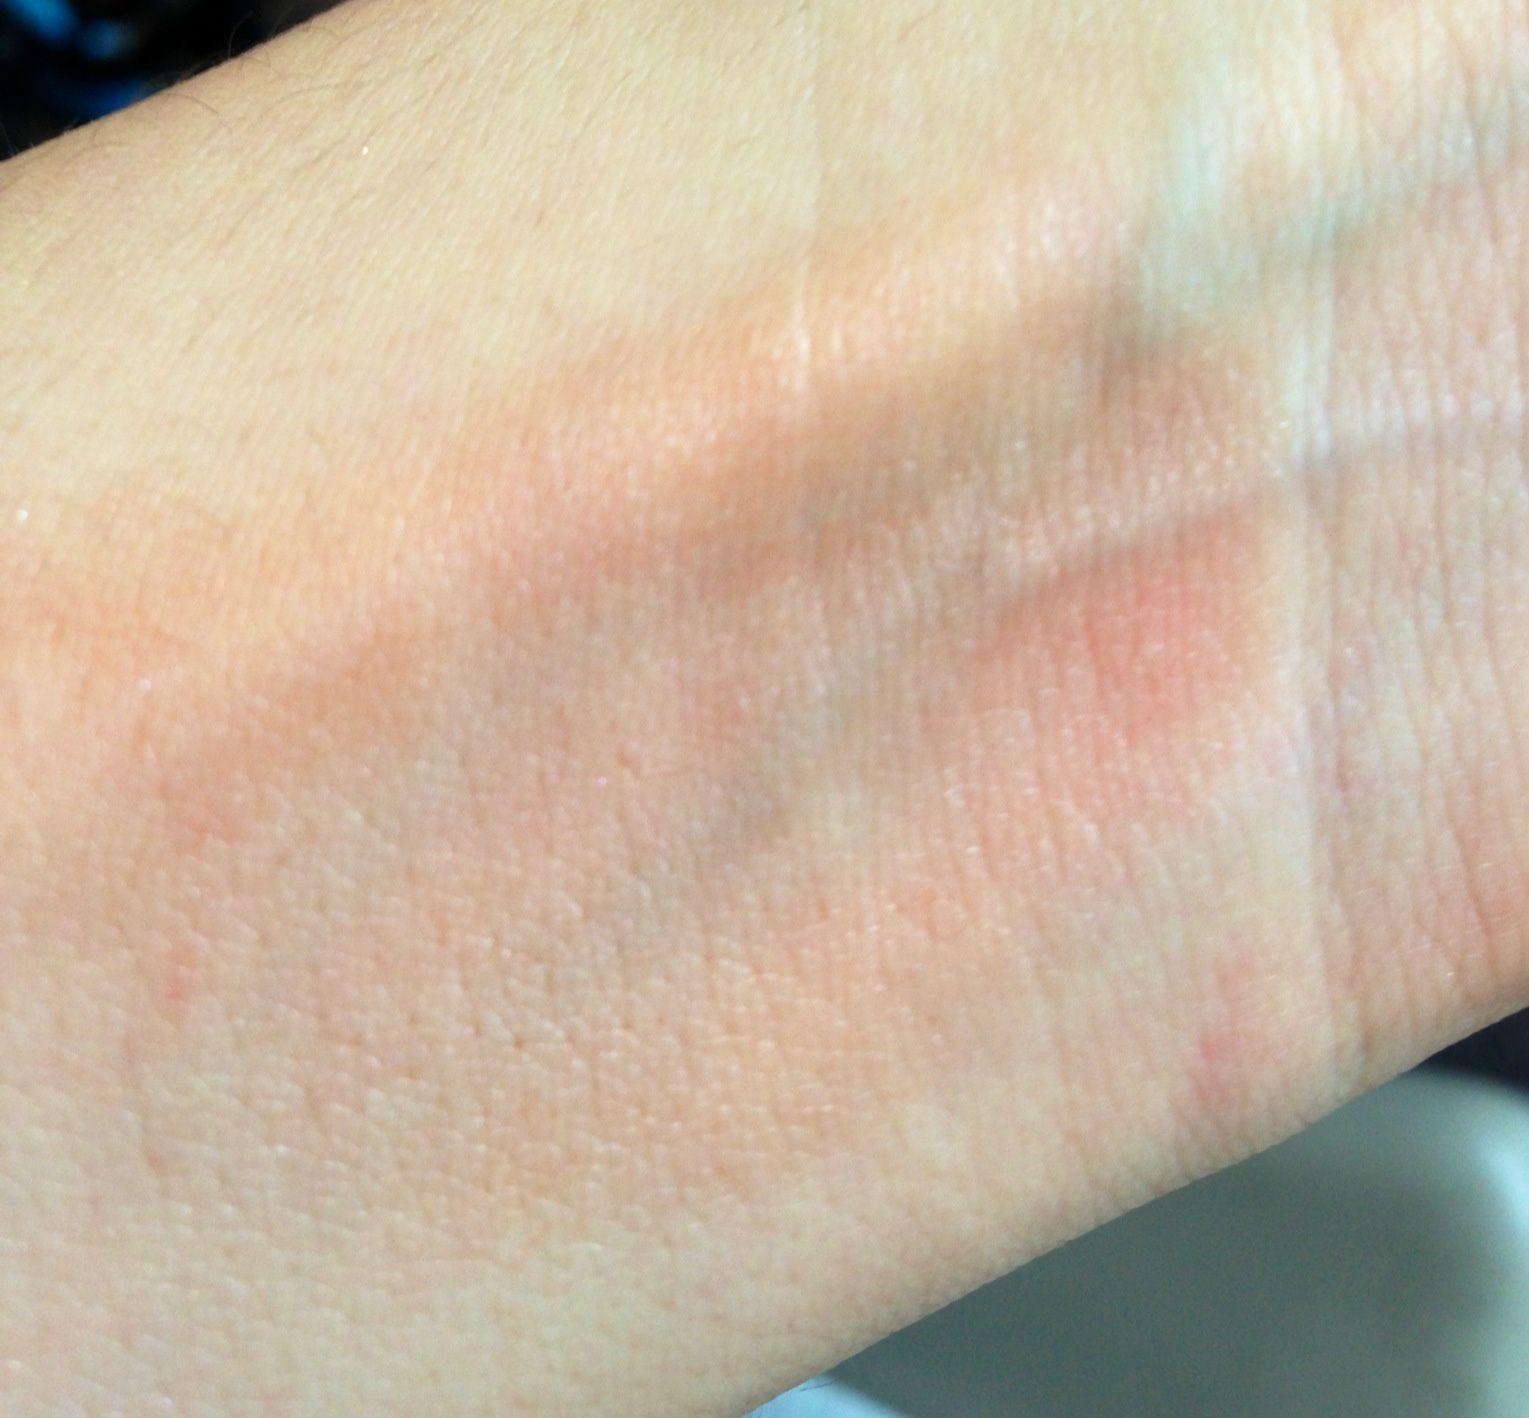 Effet de Charisme sur ma peau... trop foncé!